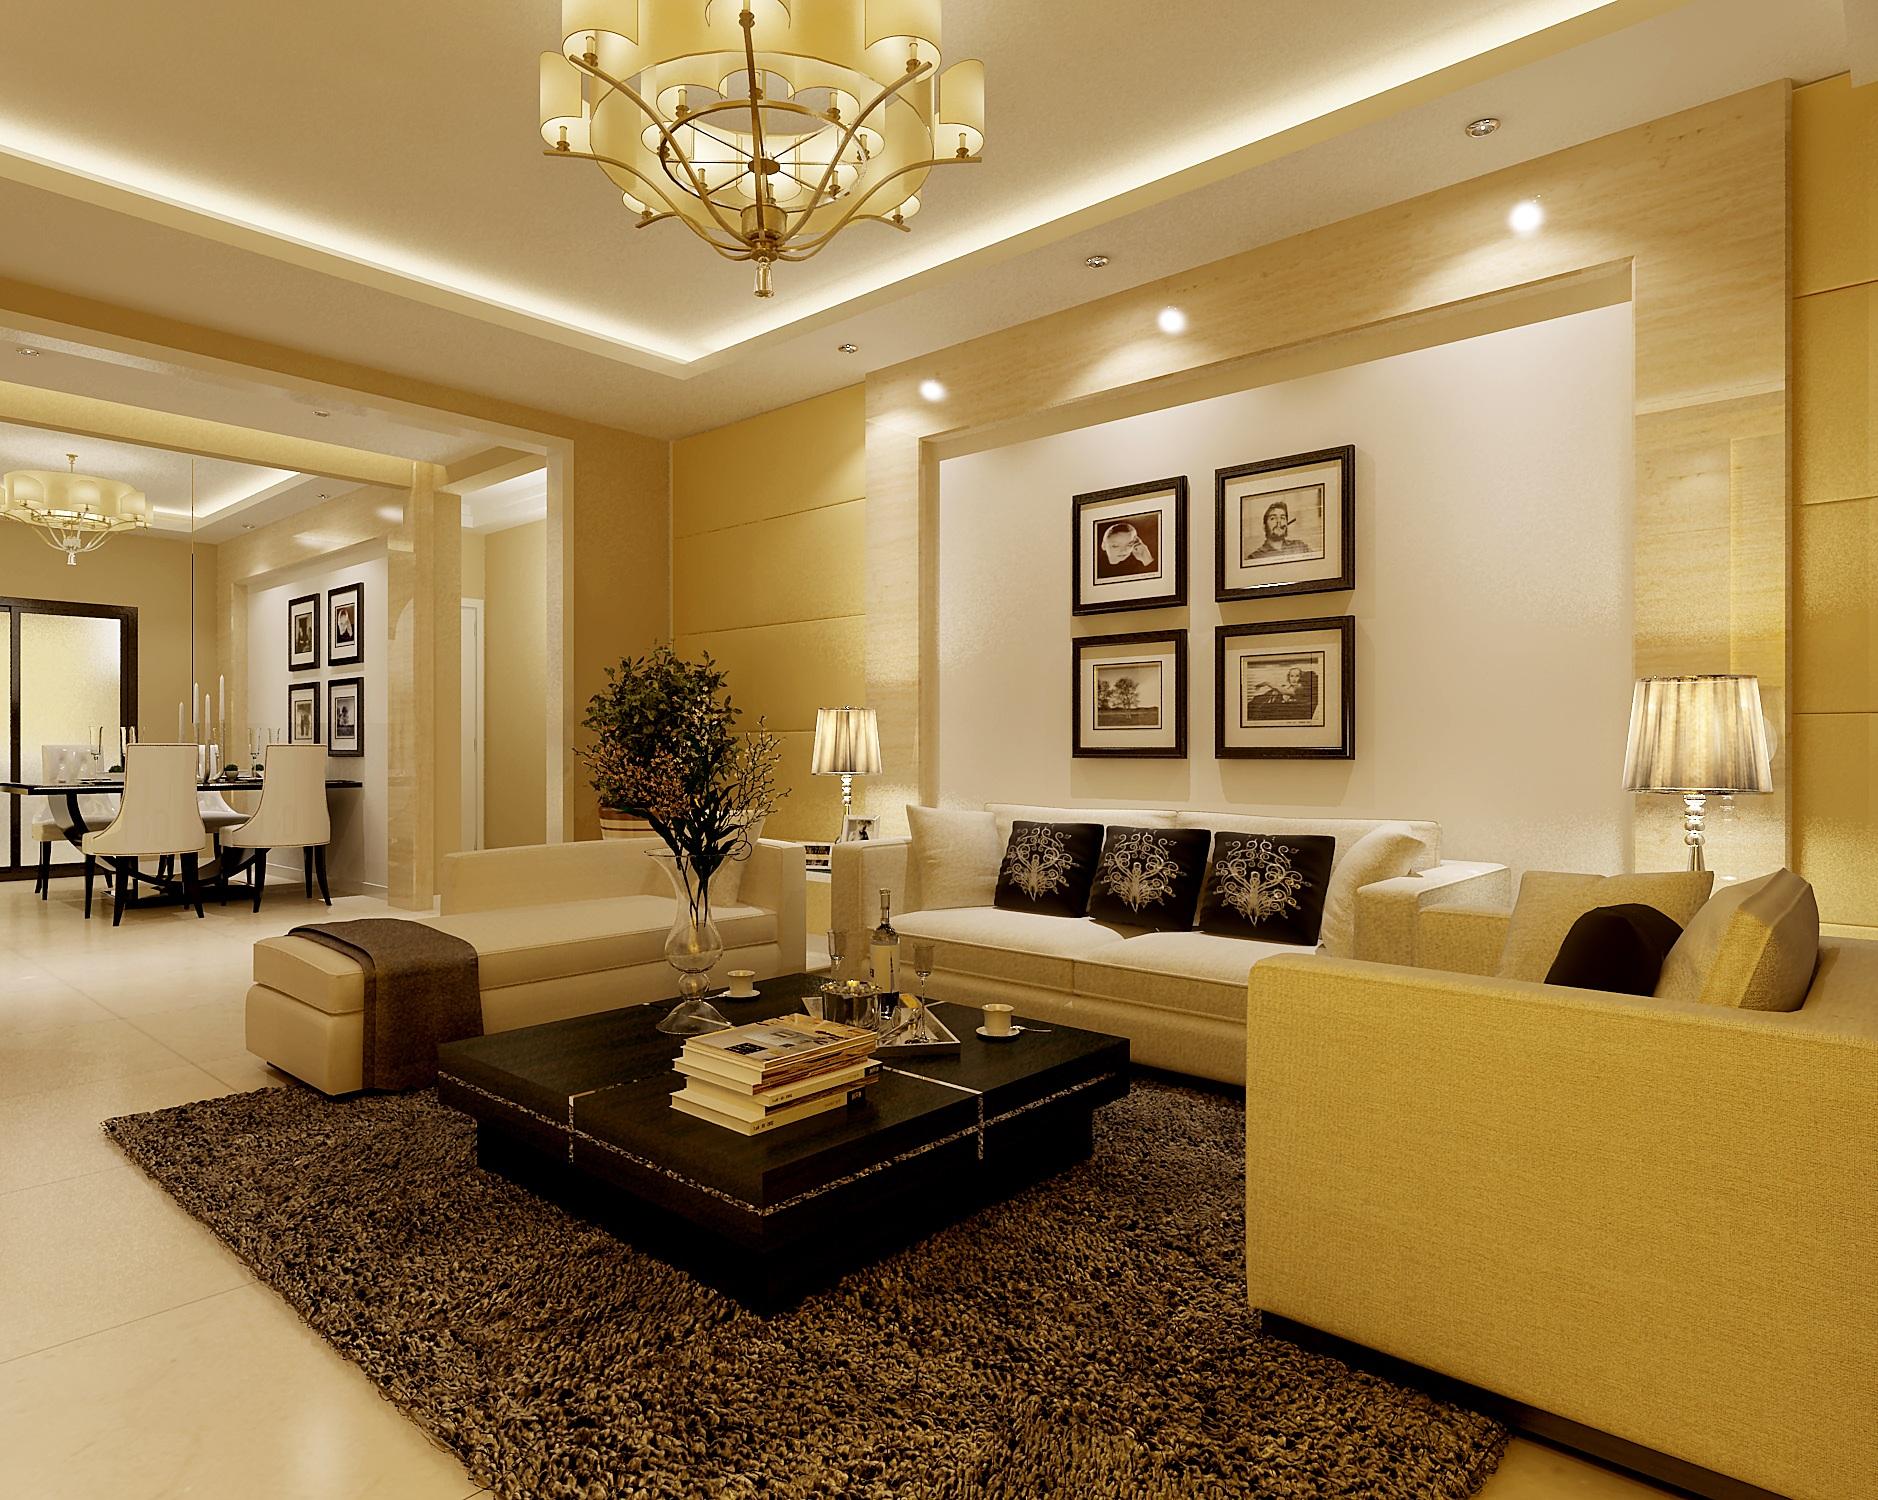 现代 简约 客厅图片来自半岛e家在康泰源的分享